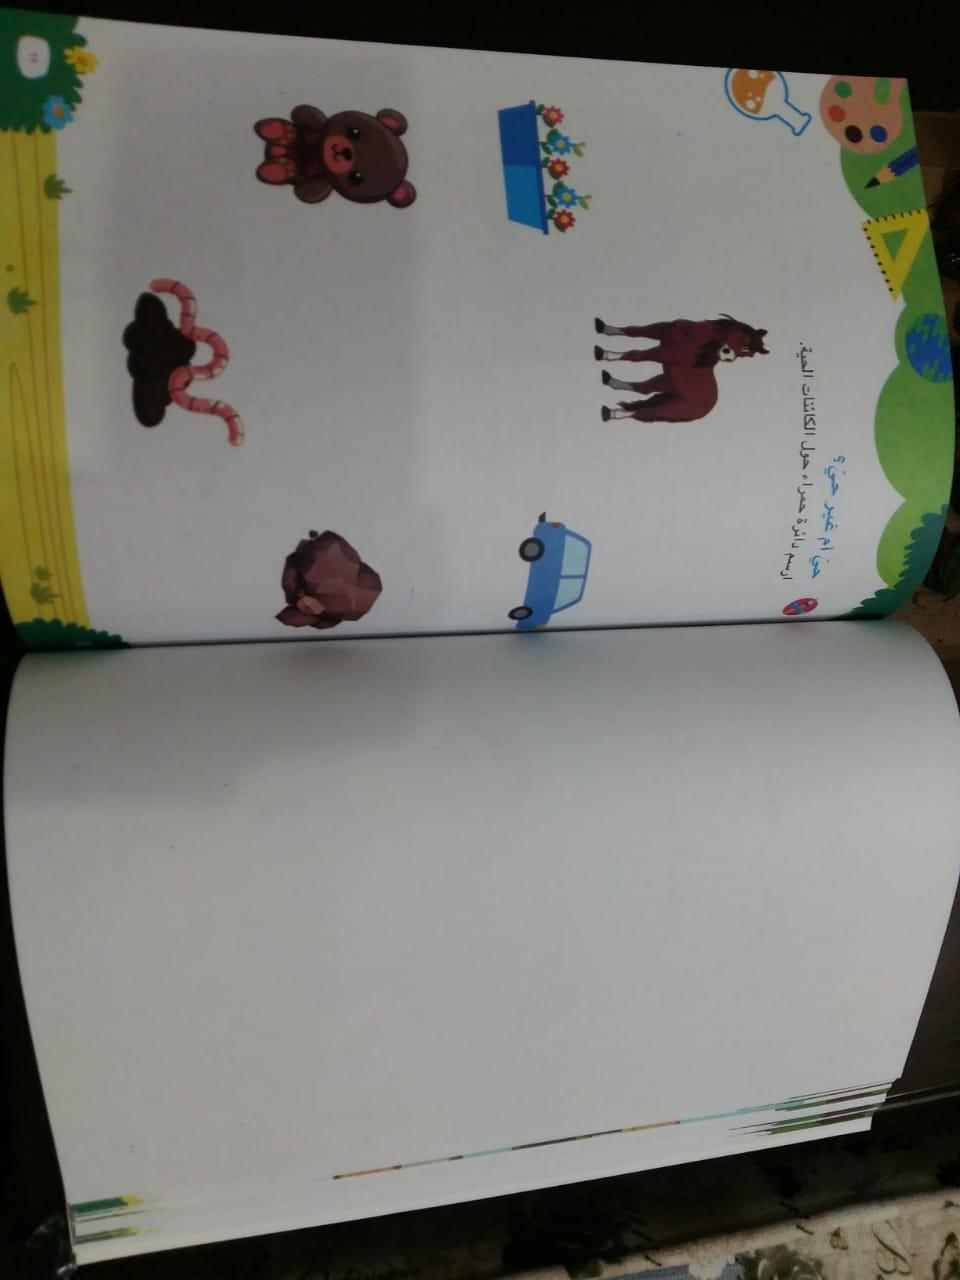 منهج رياض الأطفال الجديد (30)